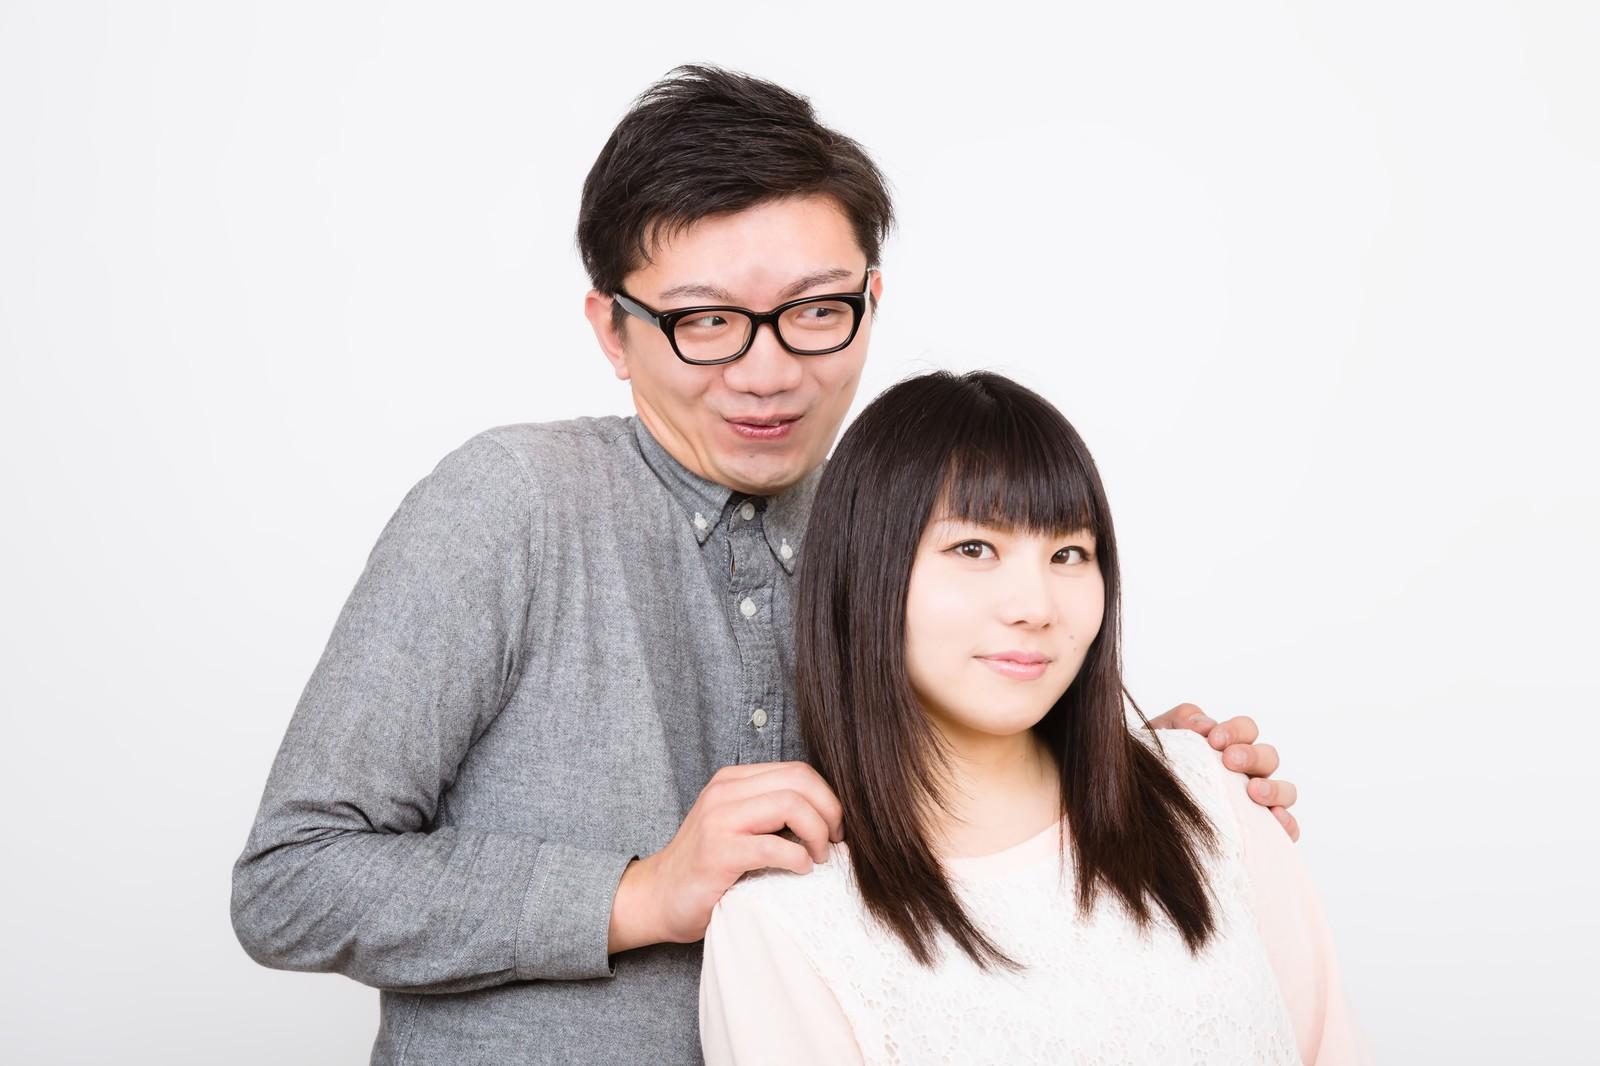 妻の仕事に理解不足な夫…夫婦が円満に過ごすためのコツ!